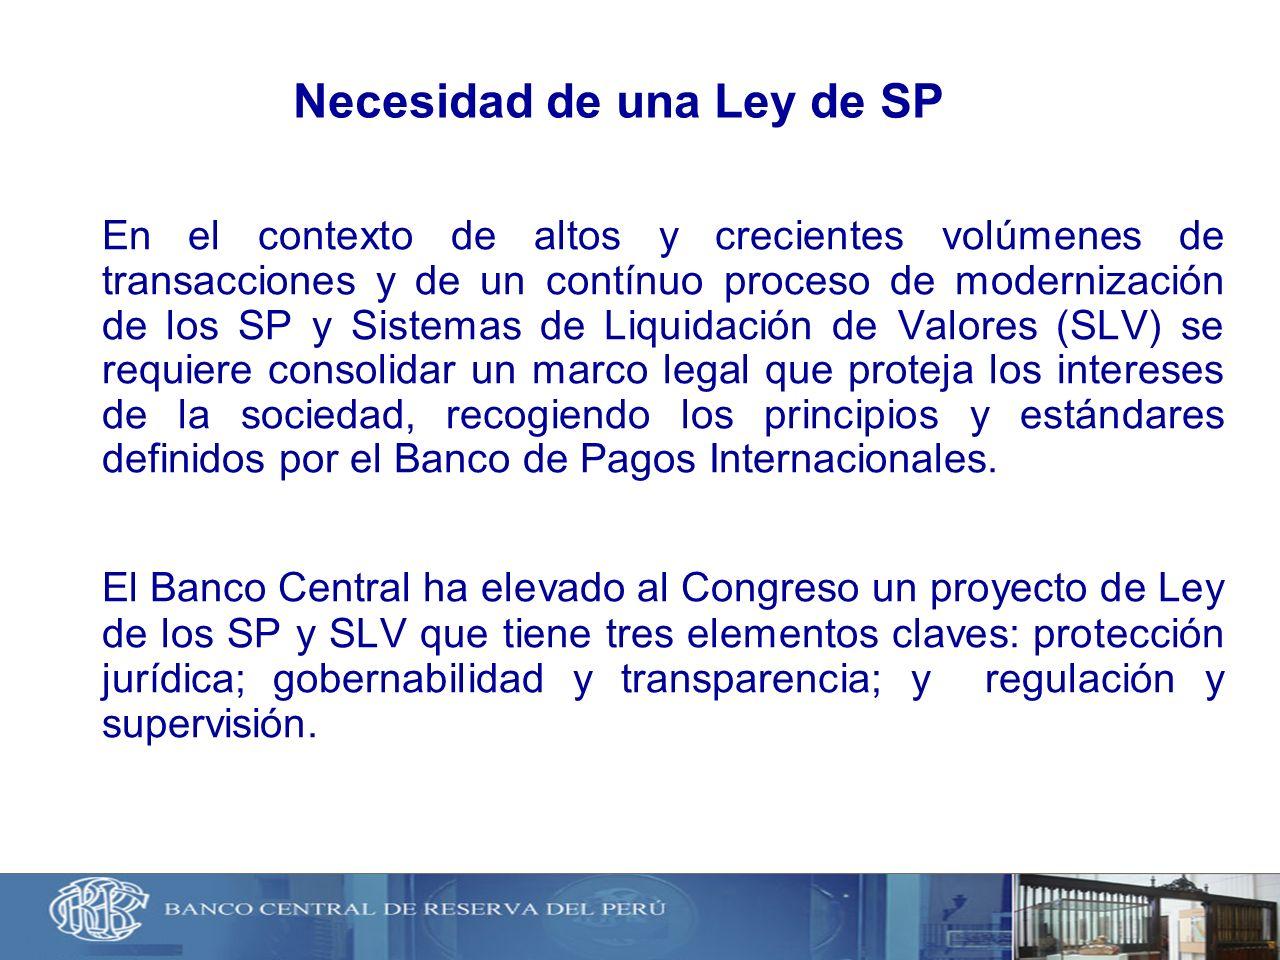 Necesidad de una Ley de SP